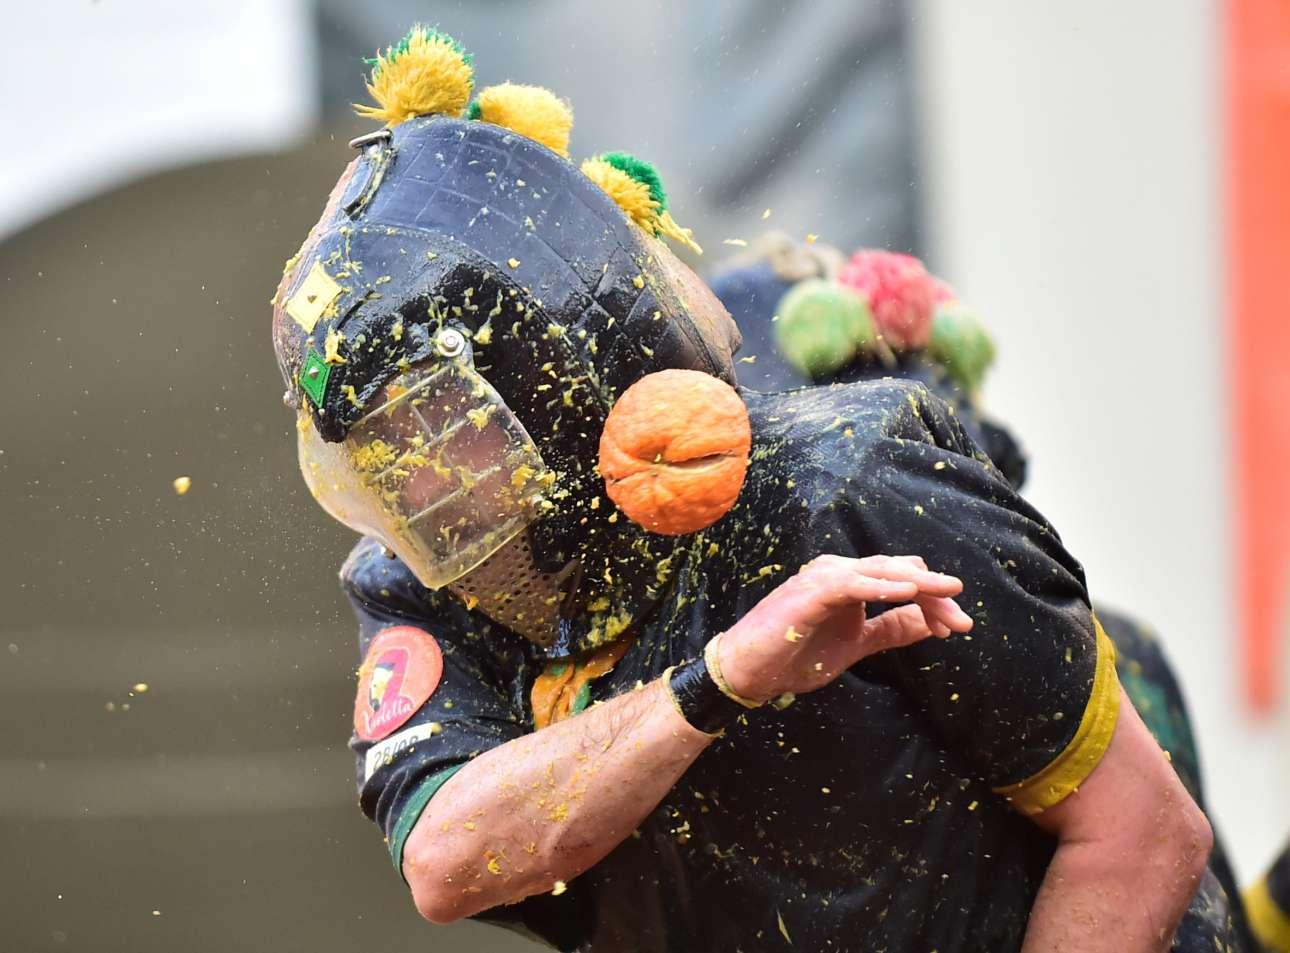 Δευτέρα, 4 Μαρτίου, Ιταλία. Στιγμιότυπο από τη «Μάχη των Πορτοκαλιών», το παραδοσιακό έθιμο με το οποίο κορυφώνεται το Καρναβάλι της Ιβρέα, μιας πόλης 23.000 κατοίκων κοντά στο Τορίνο